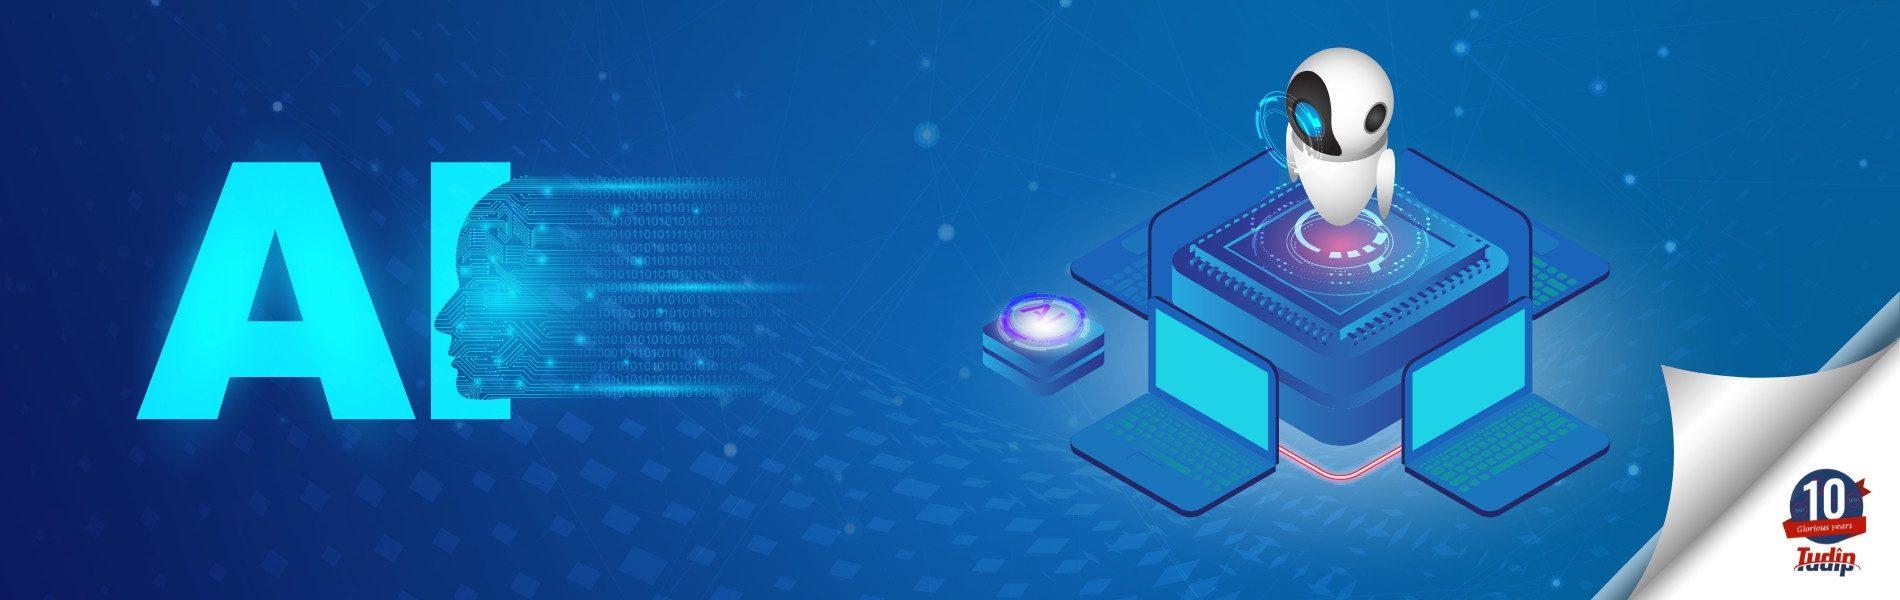 Artificial Intelligence Building blocks